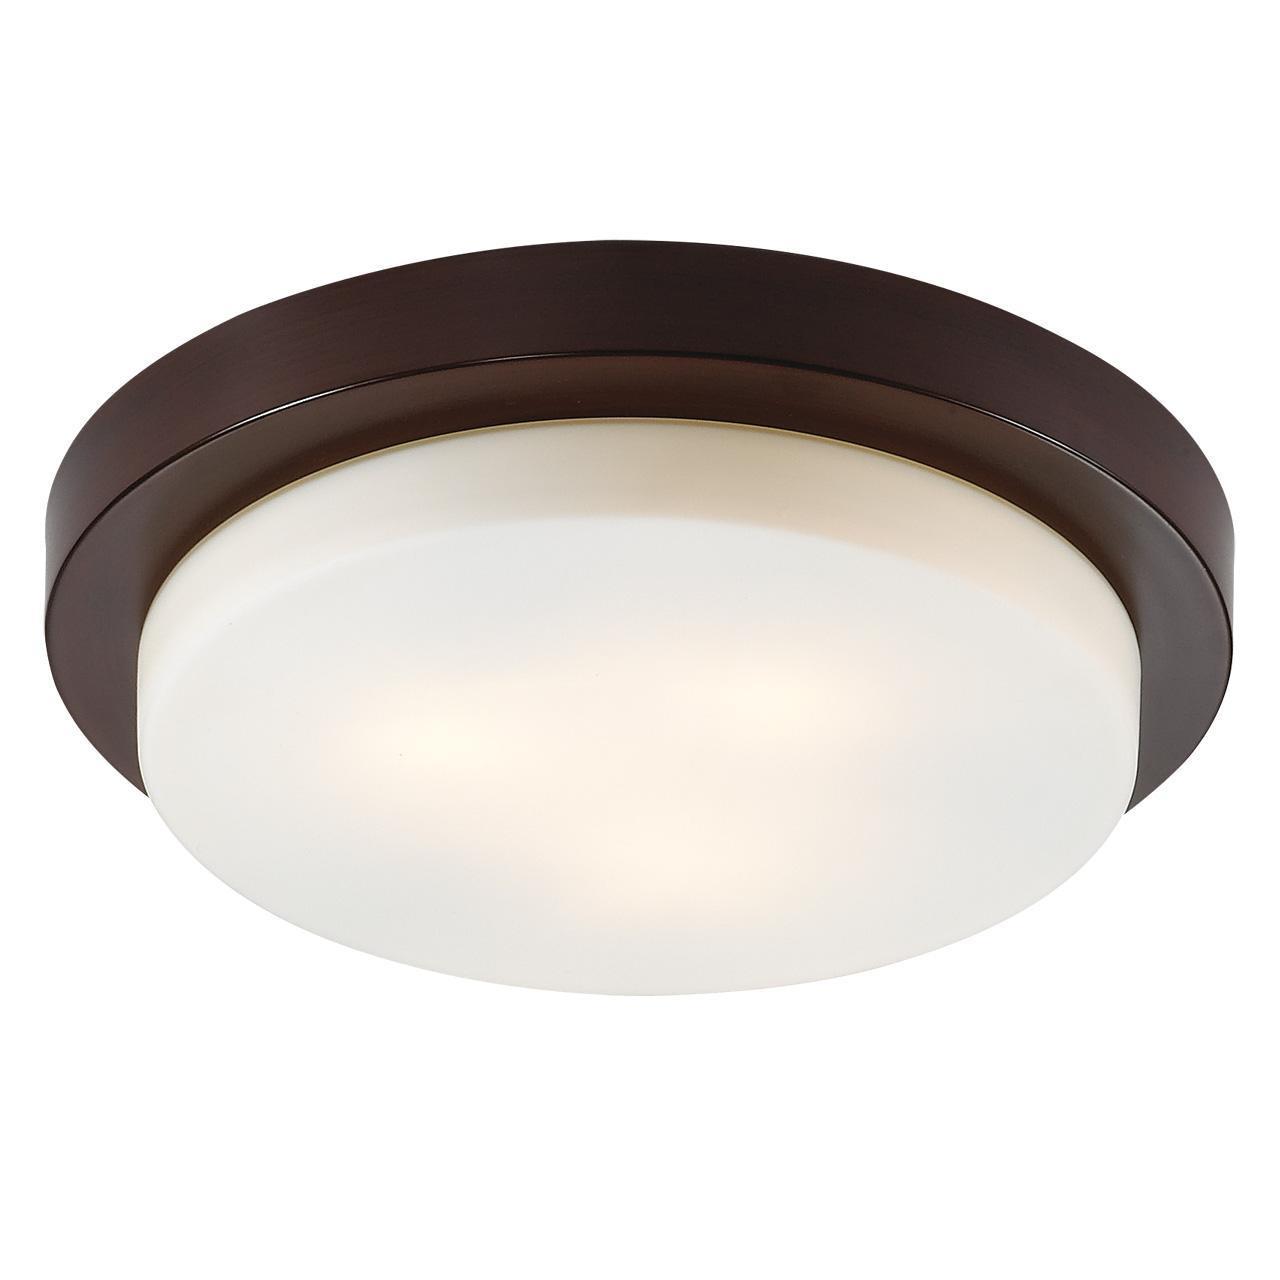 Потолочный светильник Odeon Light 2744/3C, белый цена